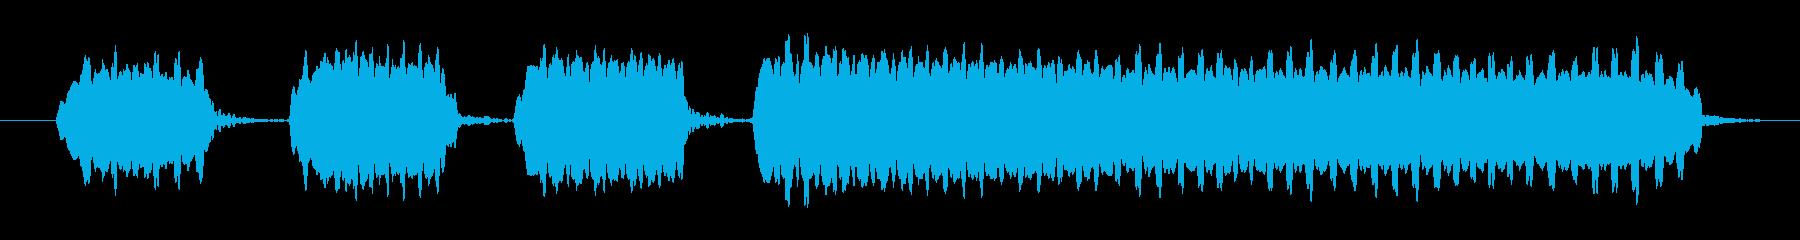 エンドウホイッスル2:多くのショー...の再生済みの波形